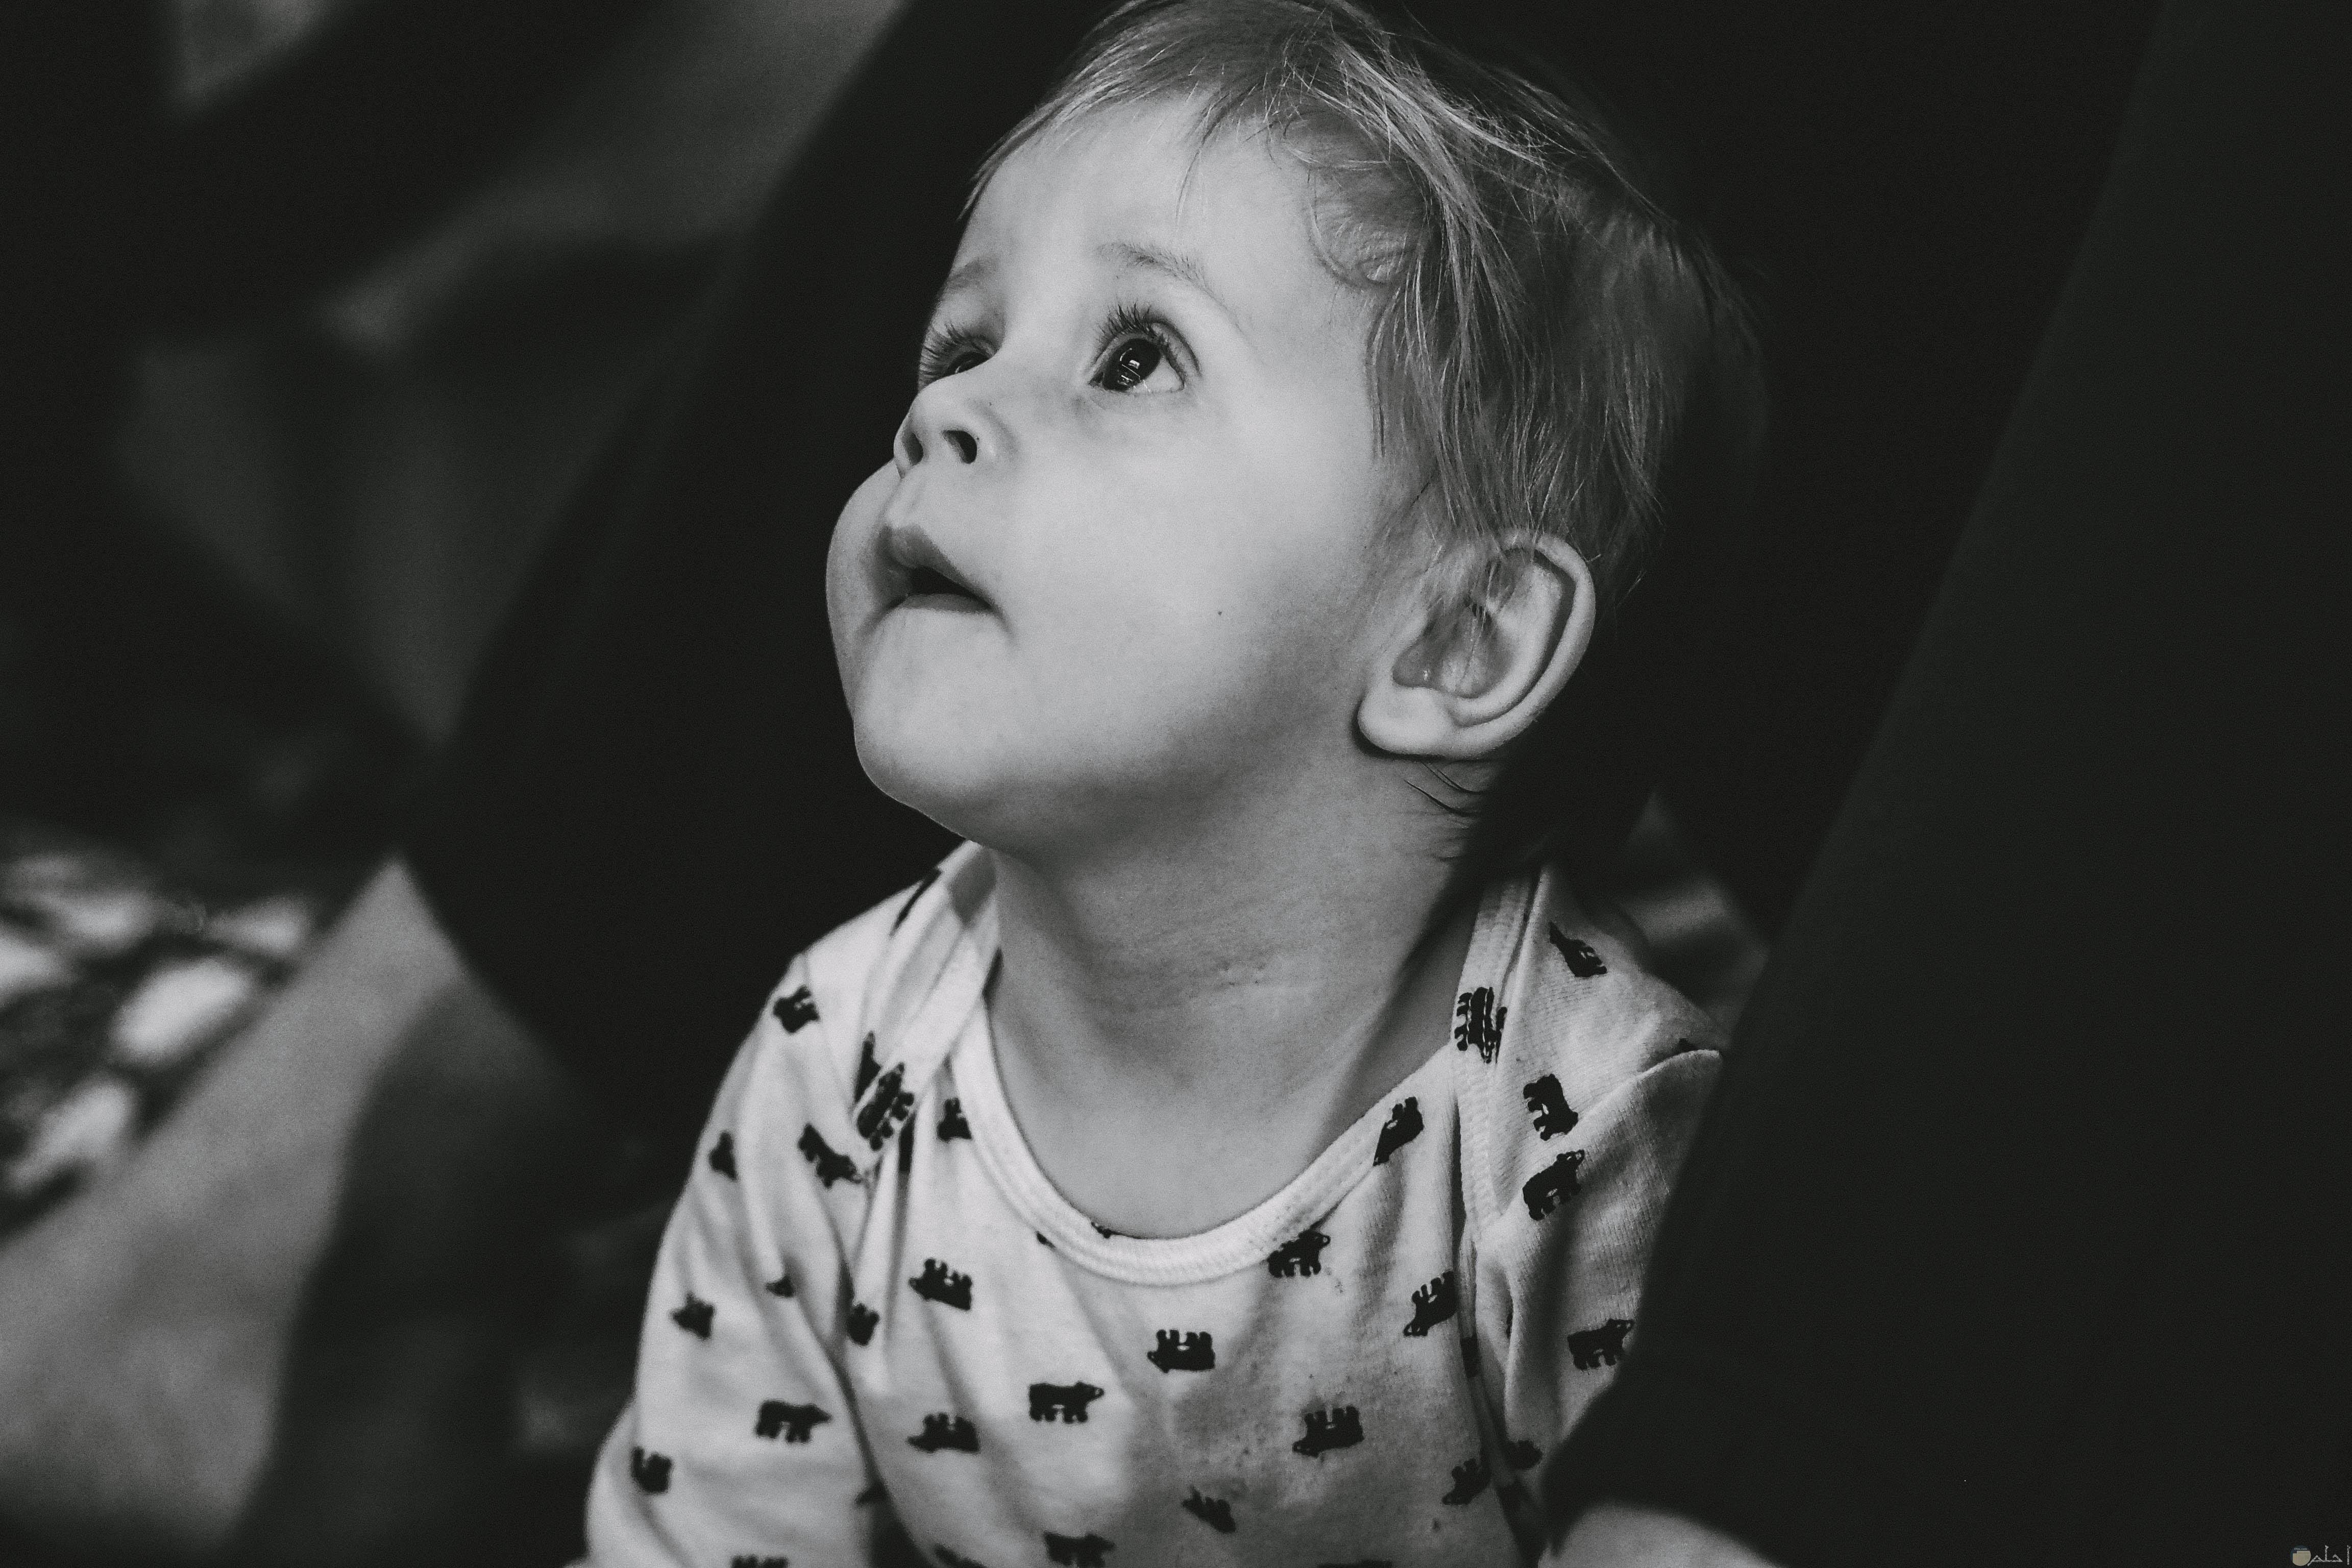 صورة طفل ينظر الى الاعلى